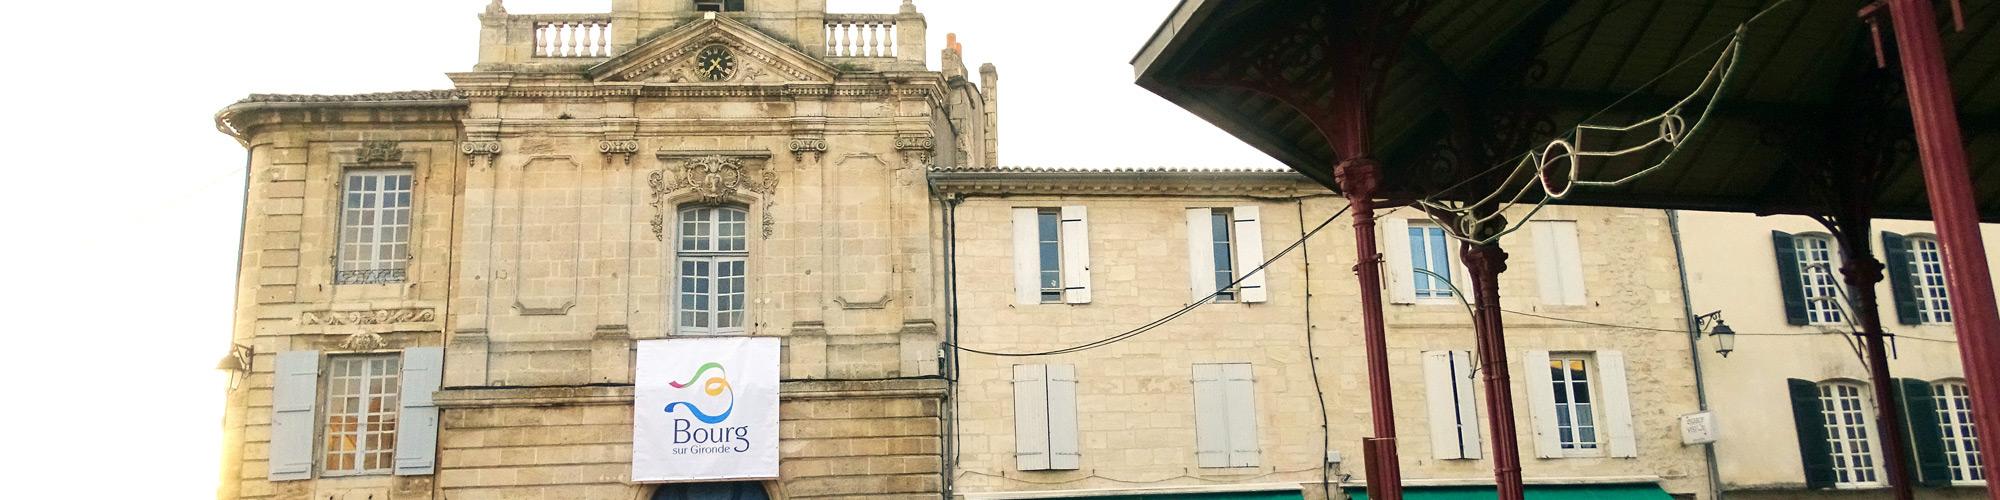 Bourg-gironde-office-tourisme